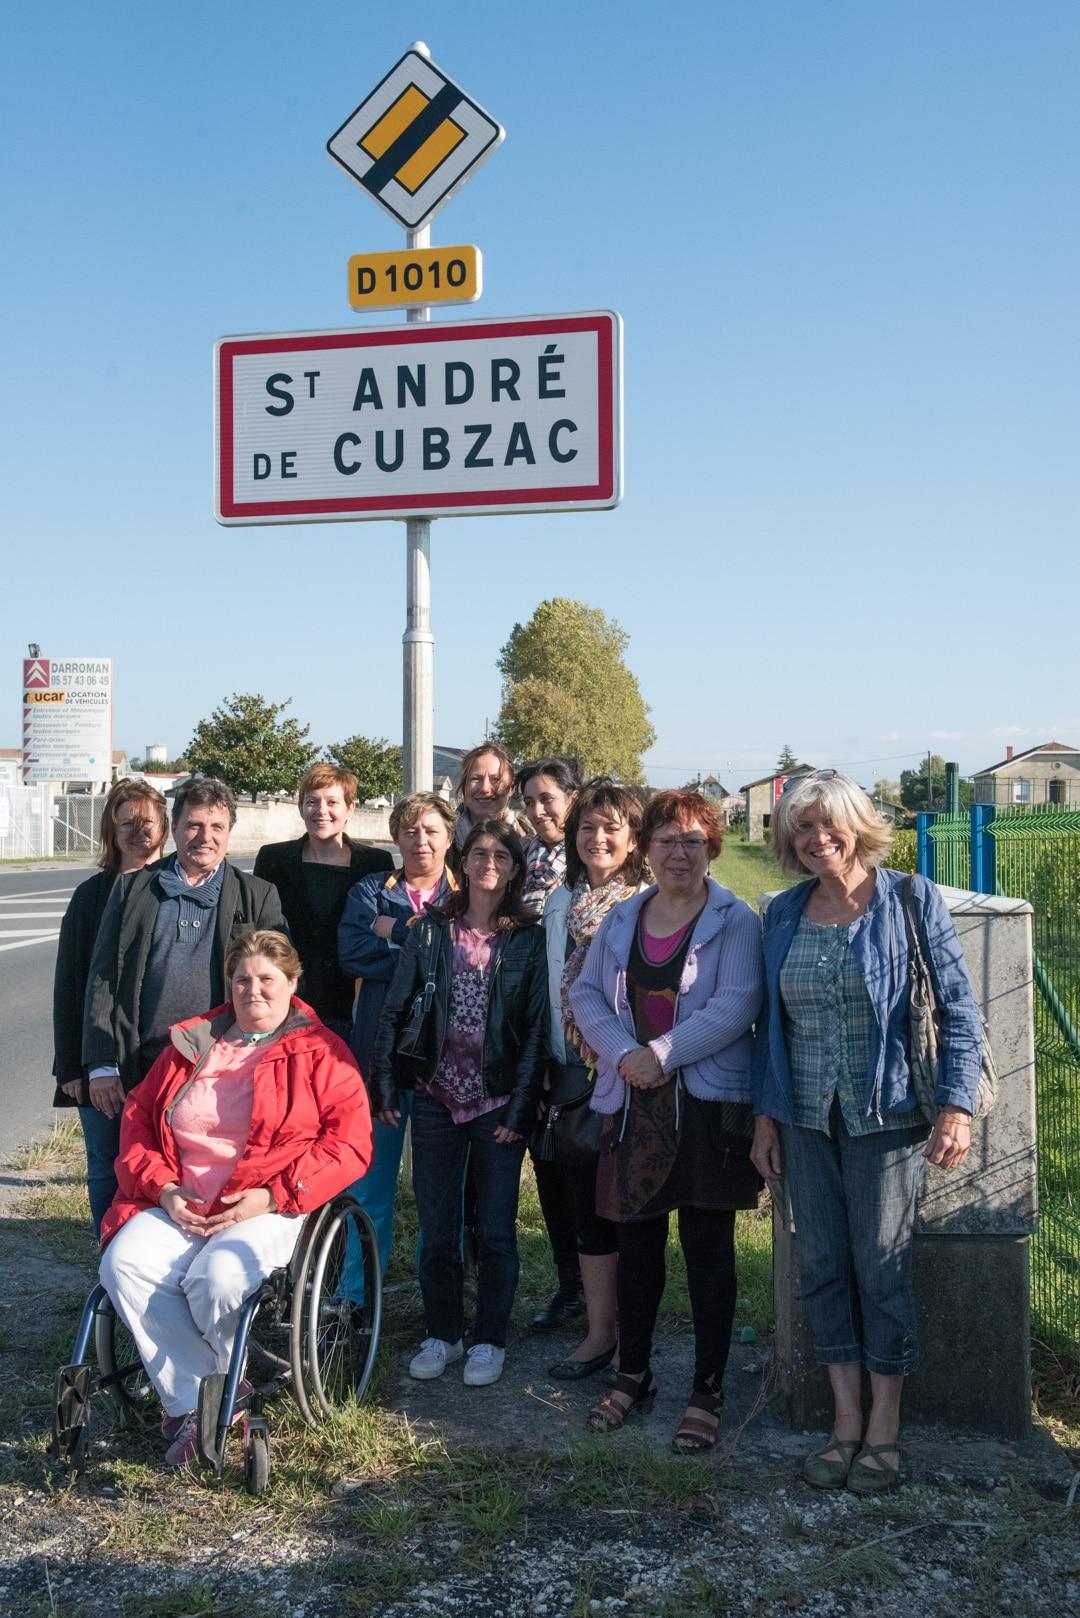 SAINT-ANDRE-DE-CUBZAC